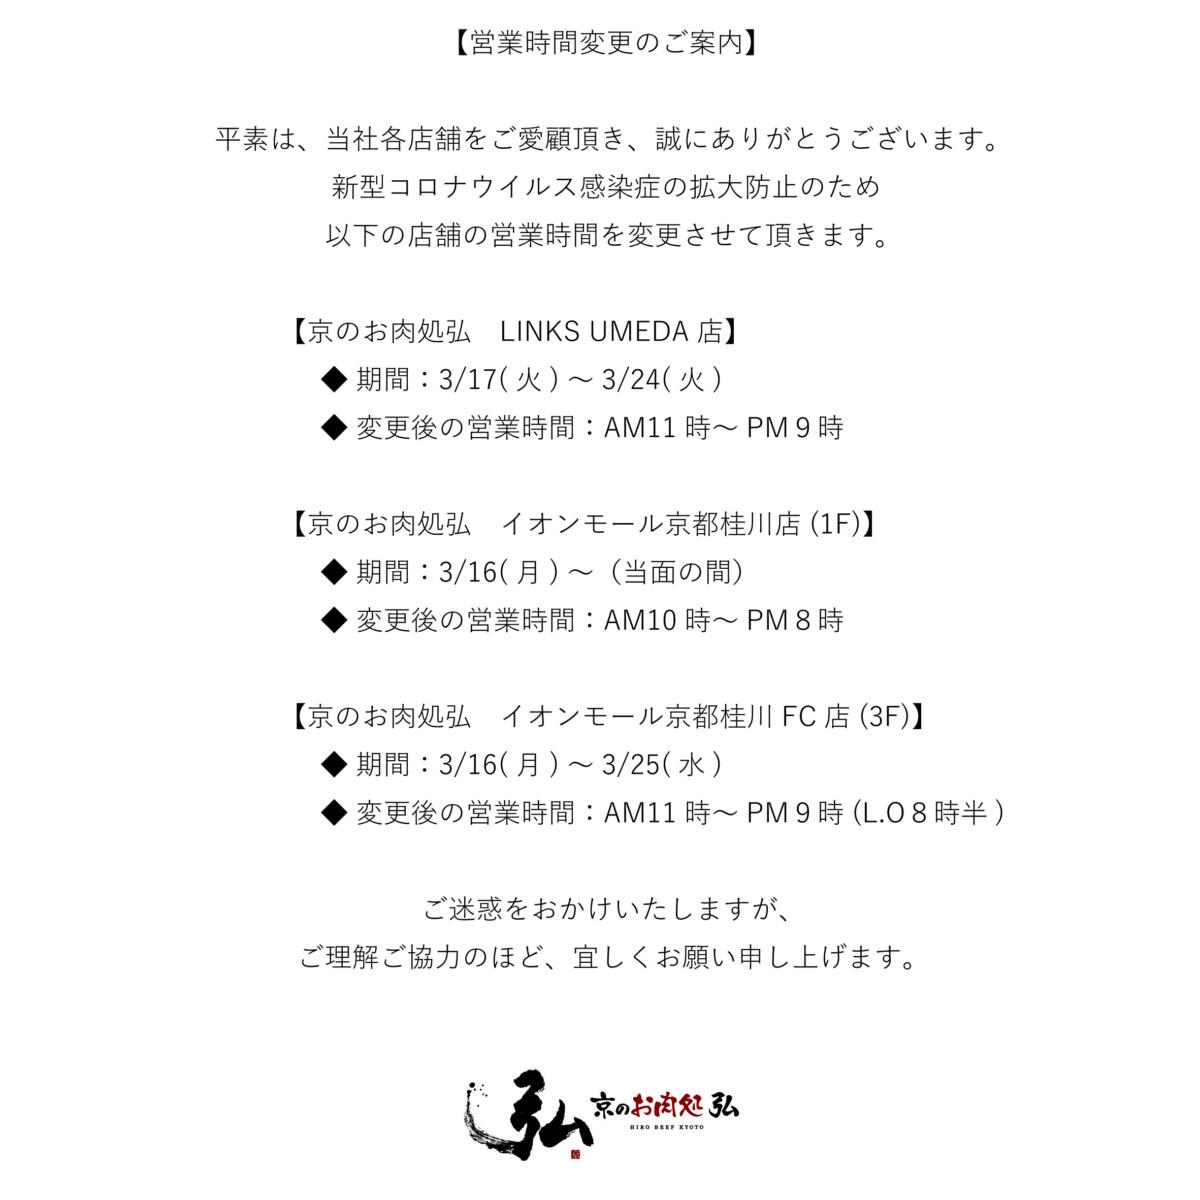 イオンモール京都桂川店、LINKS UMEDA店、営業時間変更のご案内